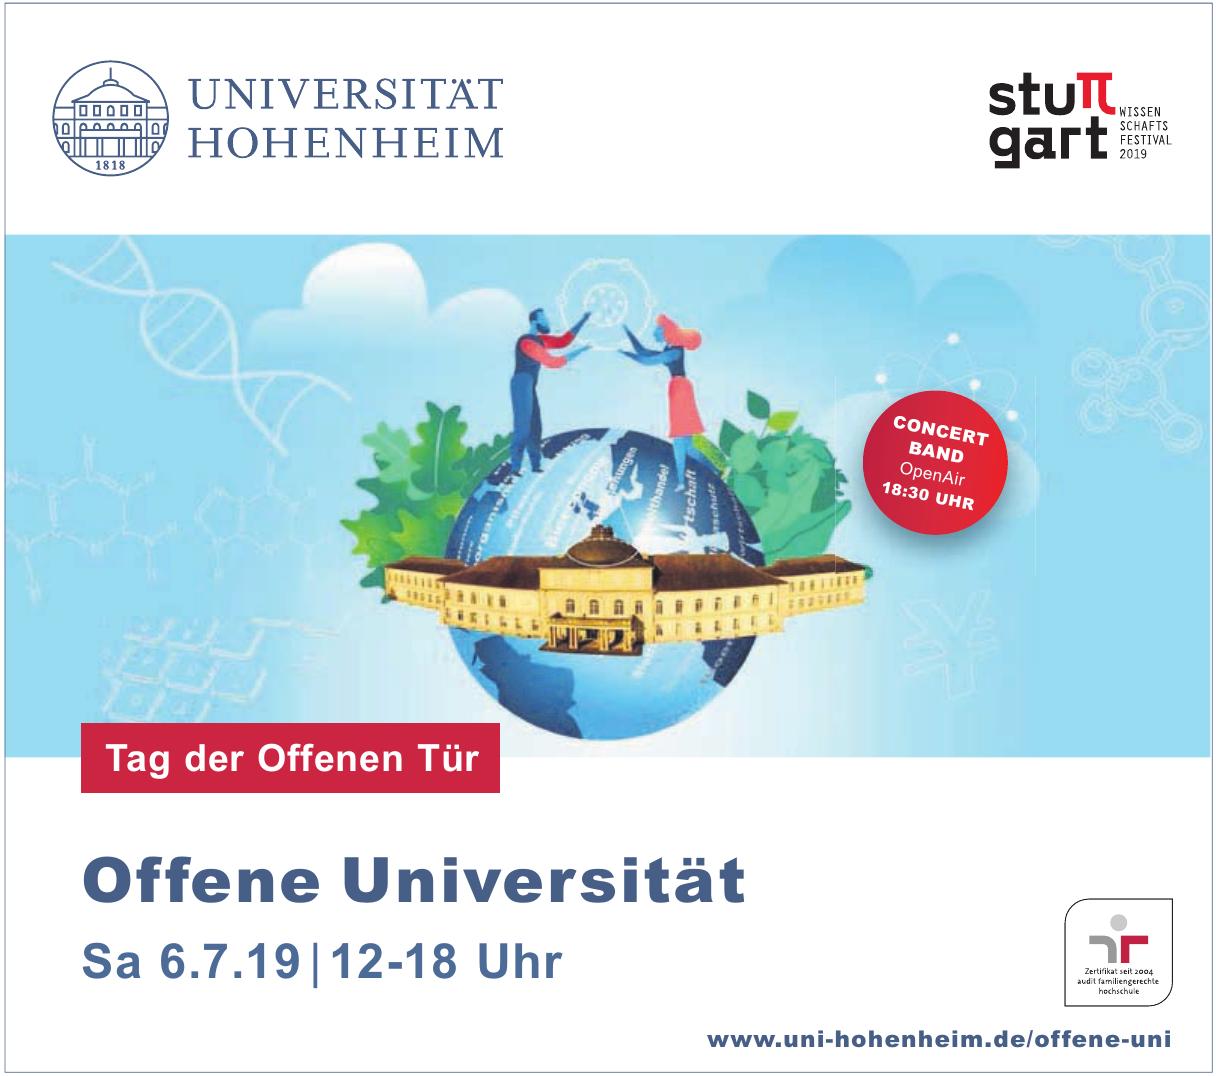 Die Universität Hohenheim